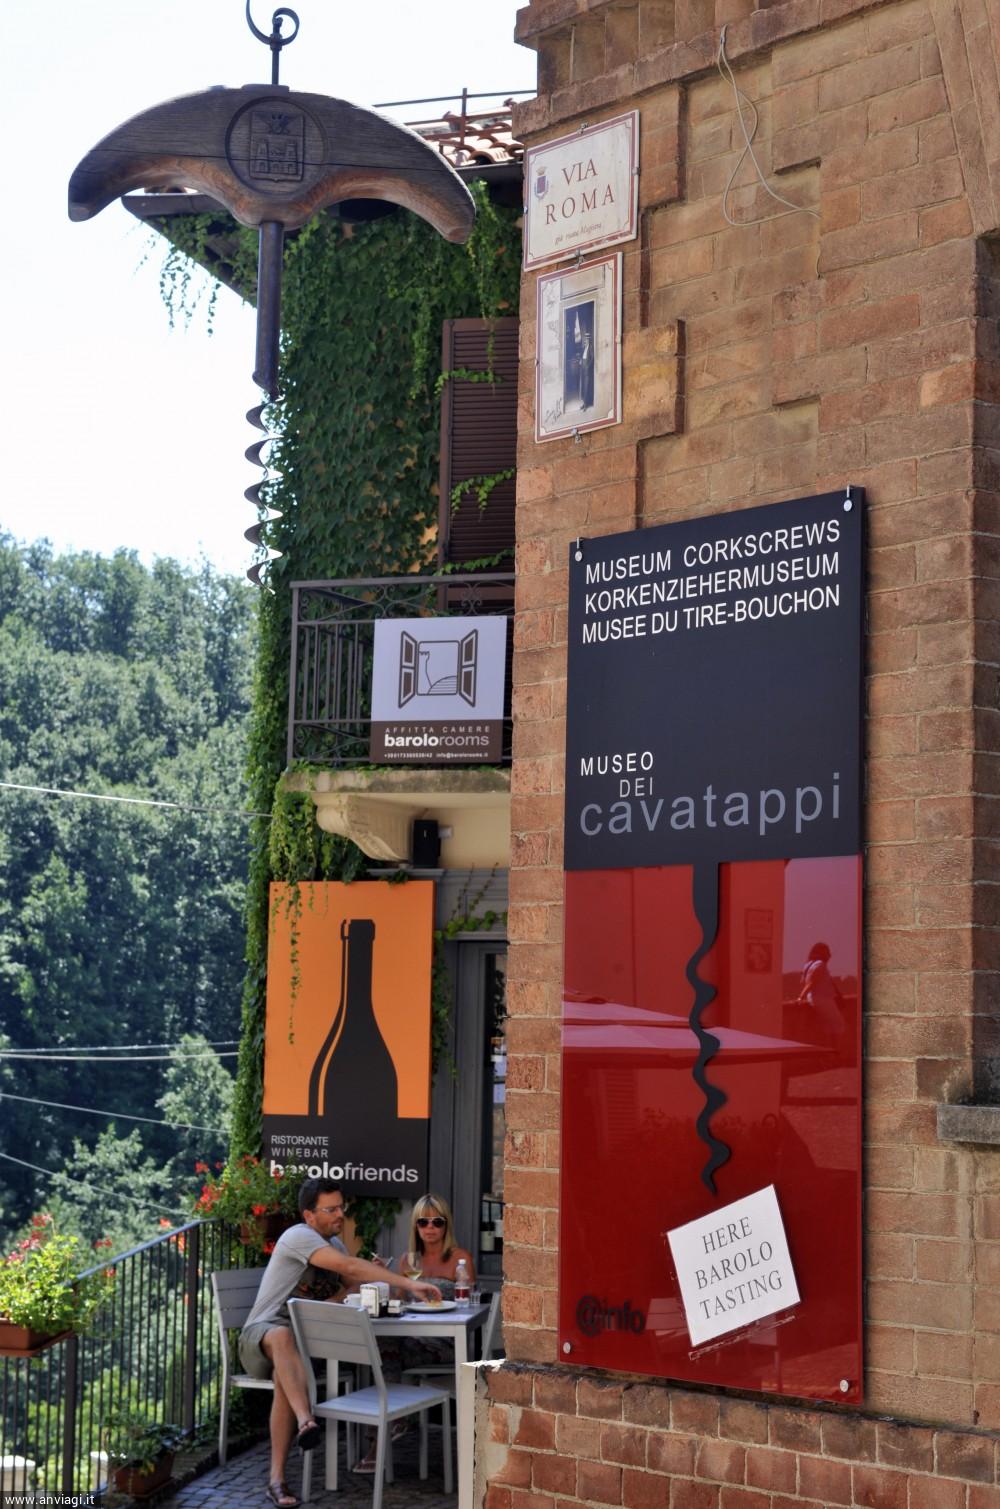 L'ingresso al Museo dei cavatappi. <span class='photo-by'>Photo: Giulio Morra.</span>